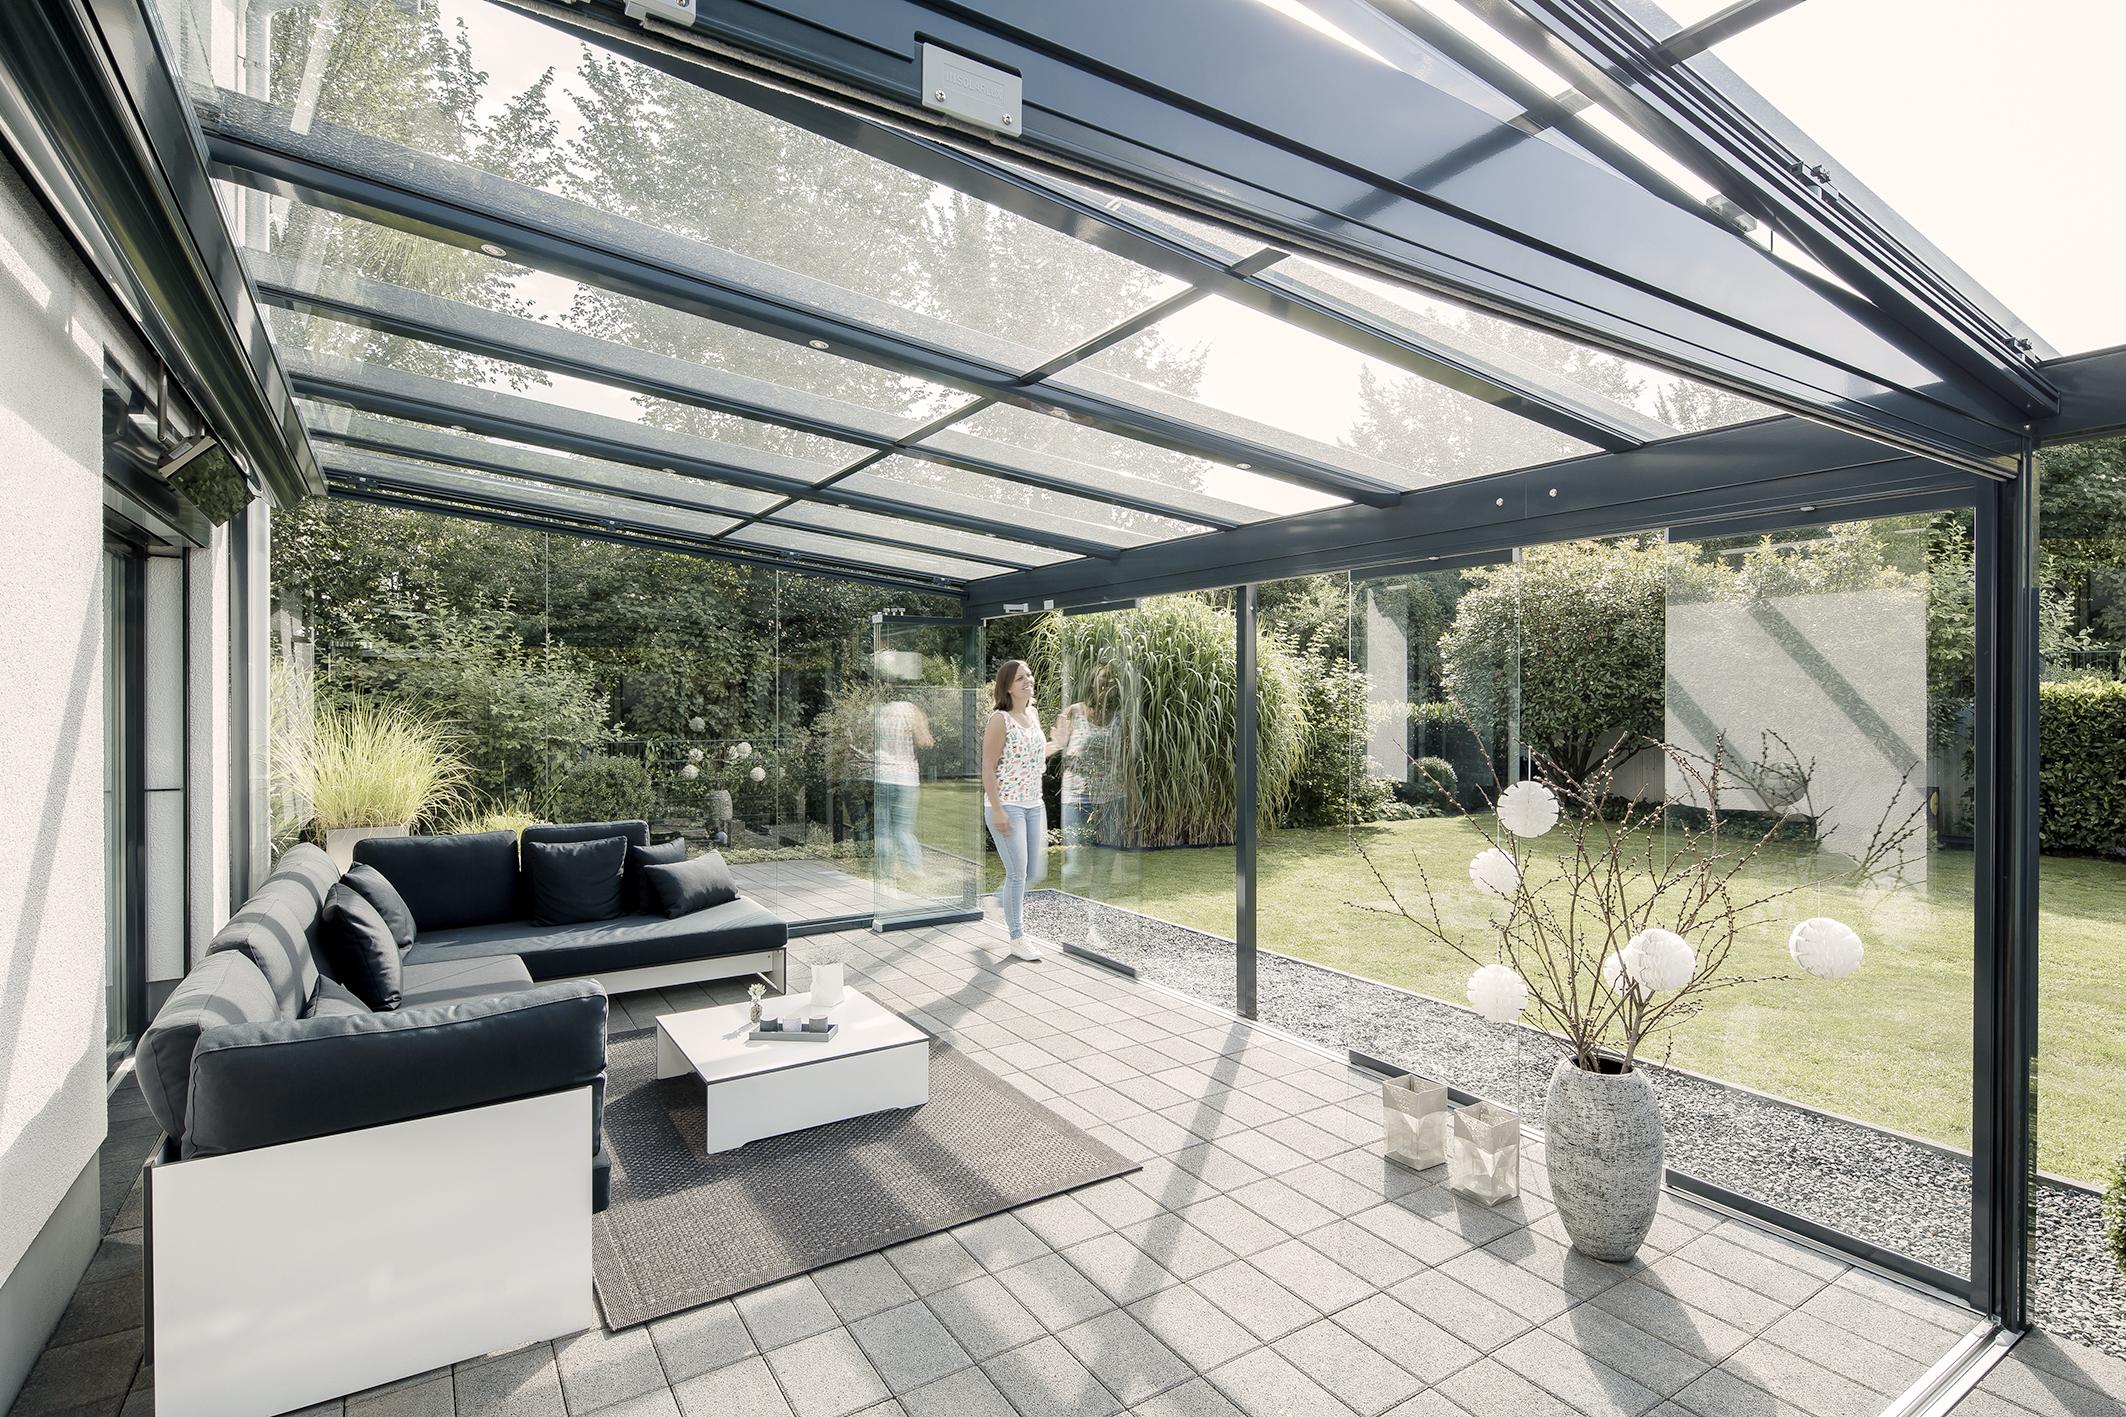 Am kommenden Wochenende: Terrassentage bei Solarlux - Solarlux Blog